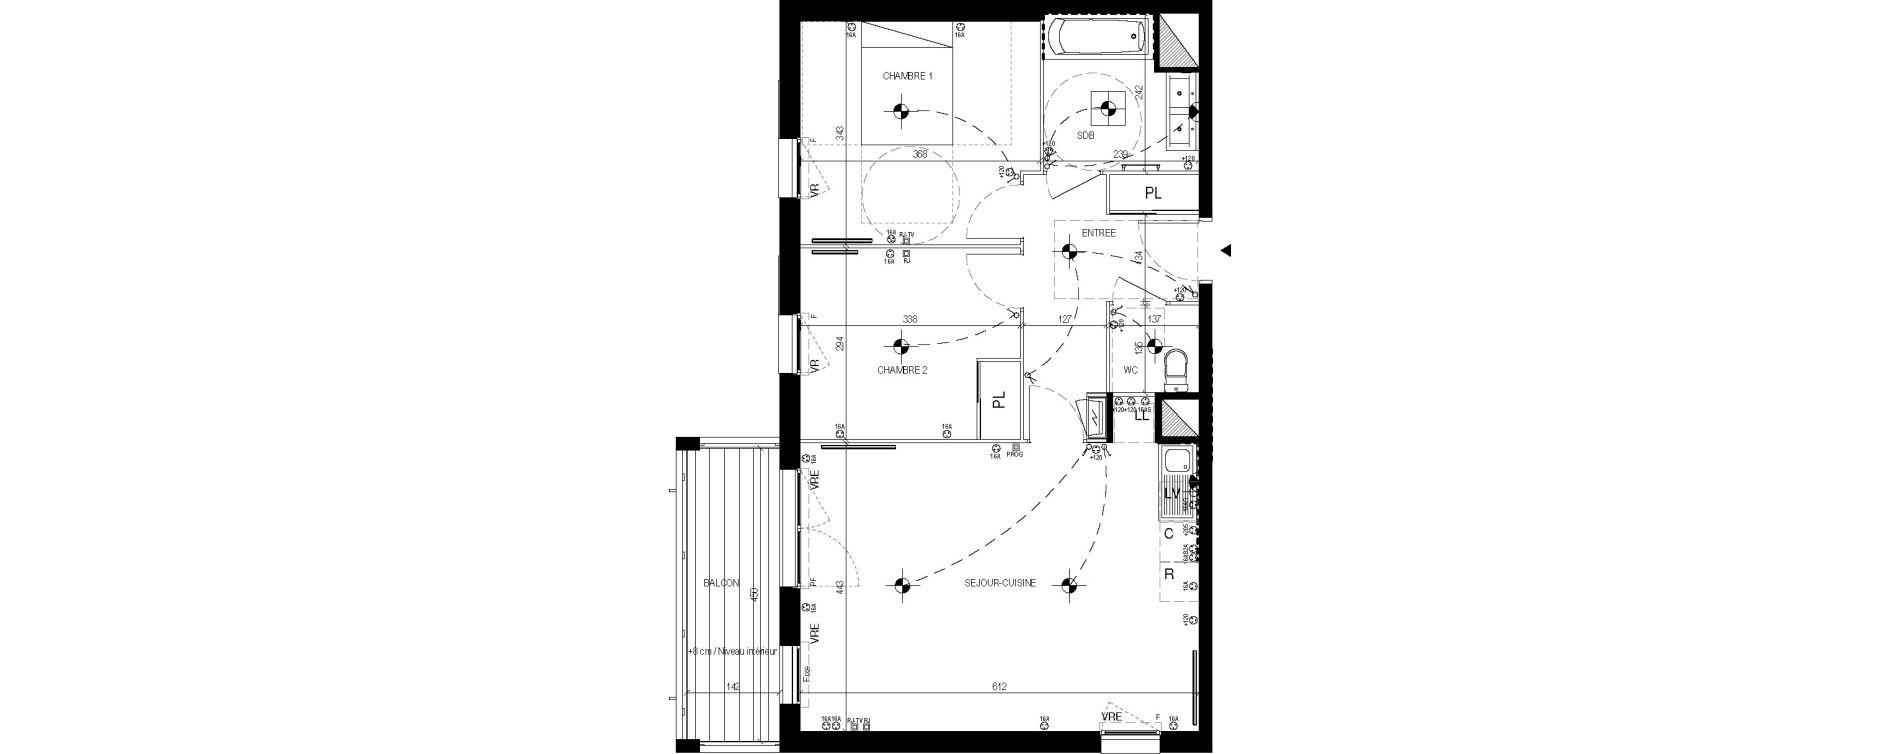 Appartement T3 de 64,50 m2 à Lingolsheim Les tanneries